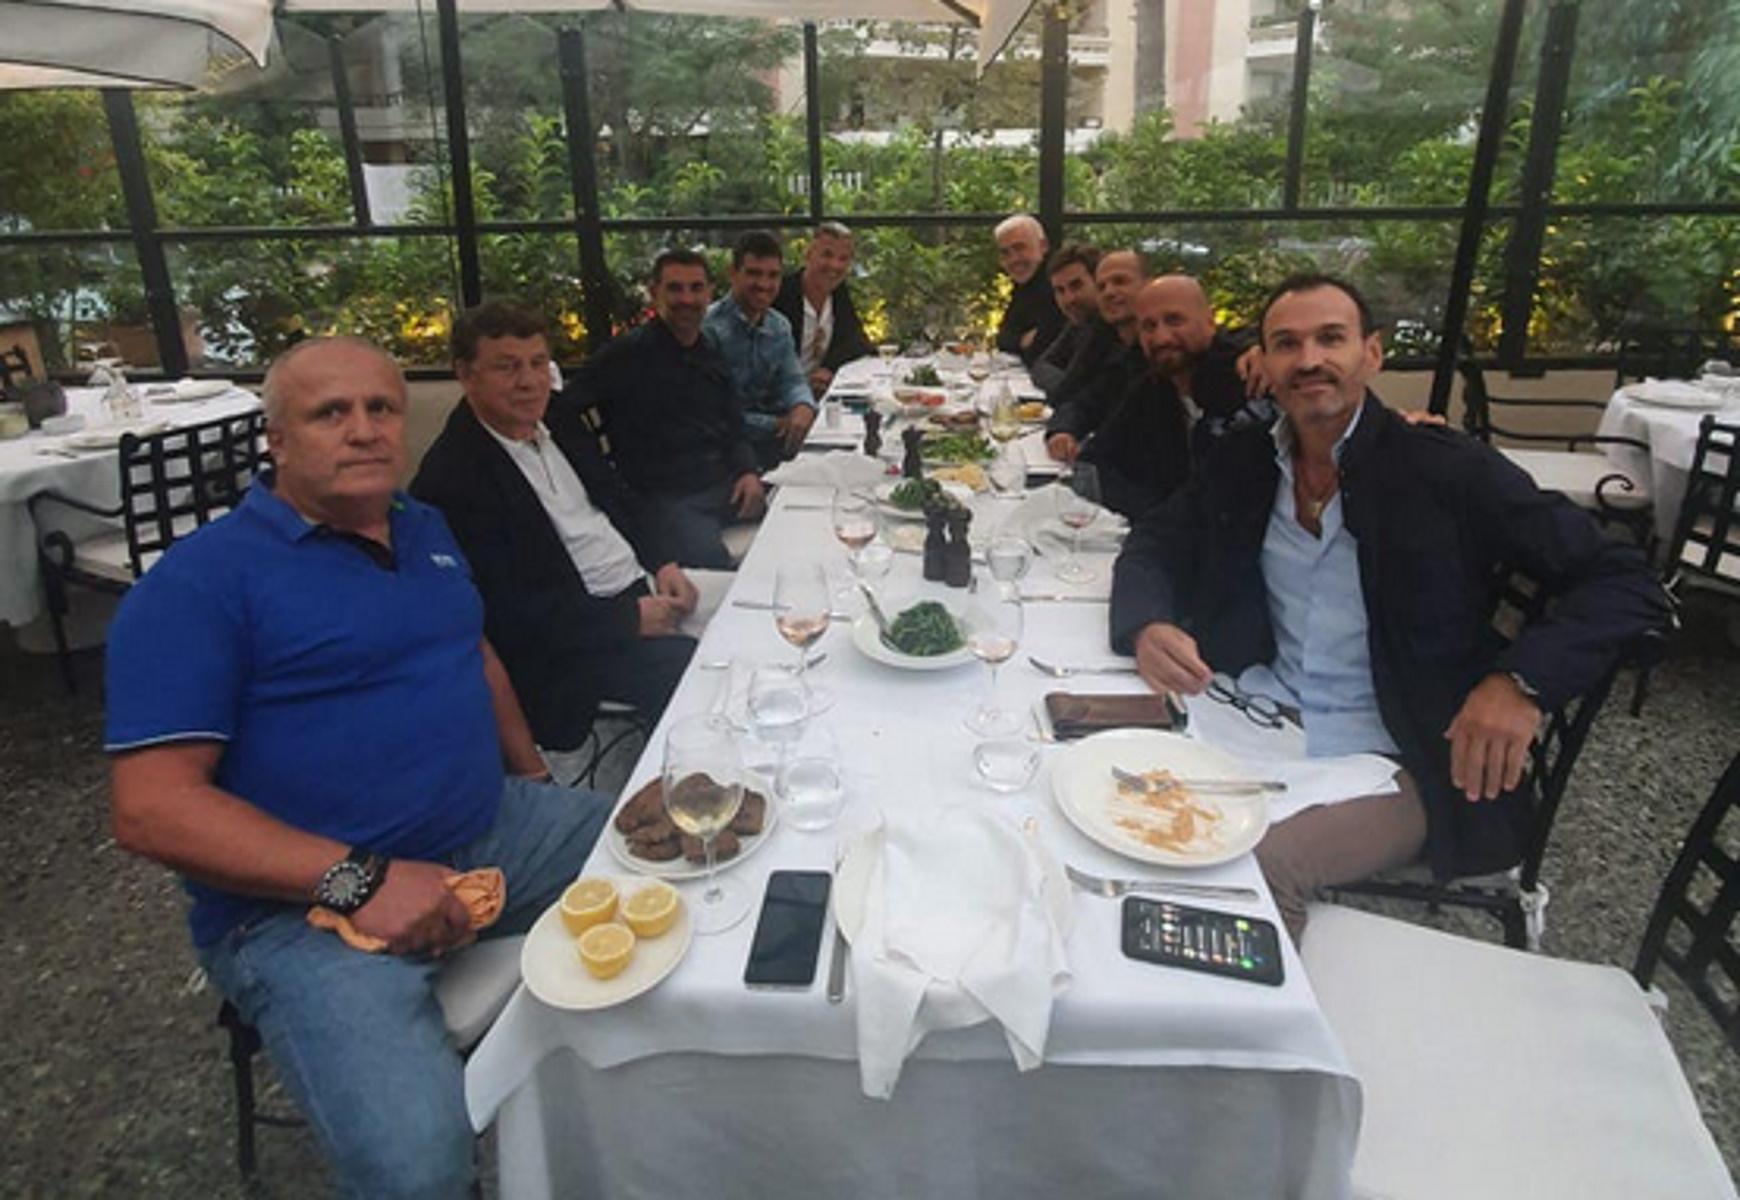 Το reunion των Greek Legends 2004 με τον Ότο Ρεχάγκελ απουσία Θοδωρή Ζαγοράκη